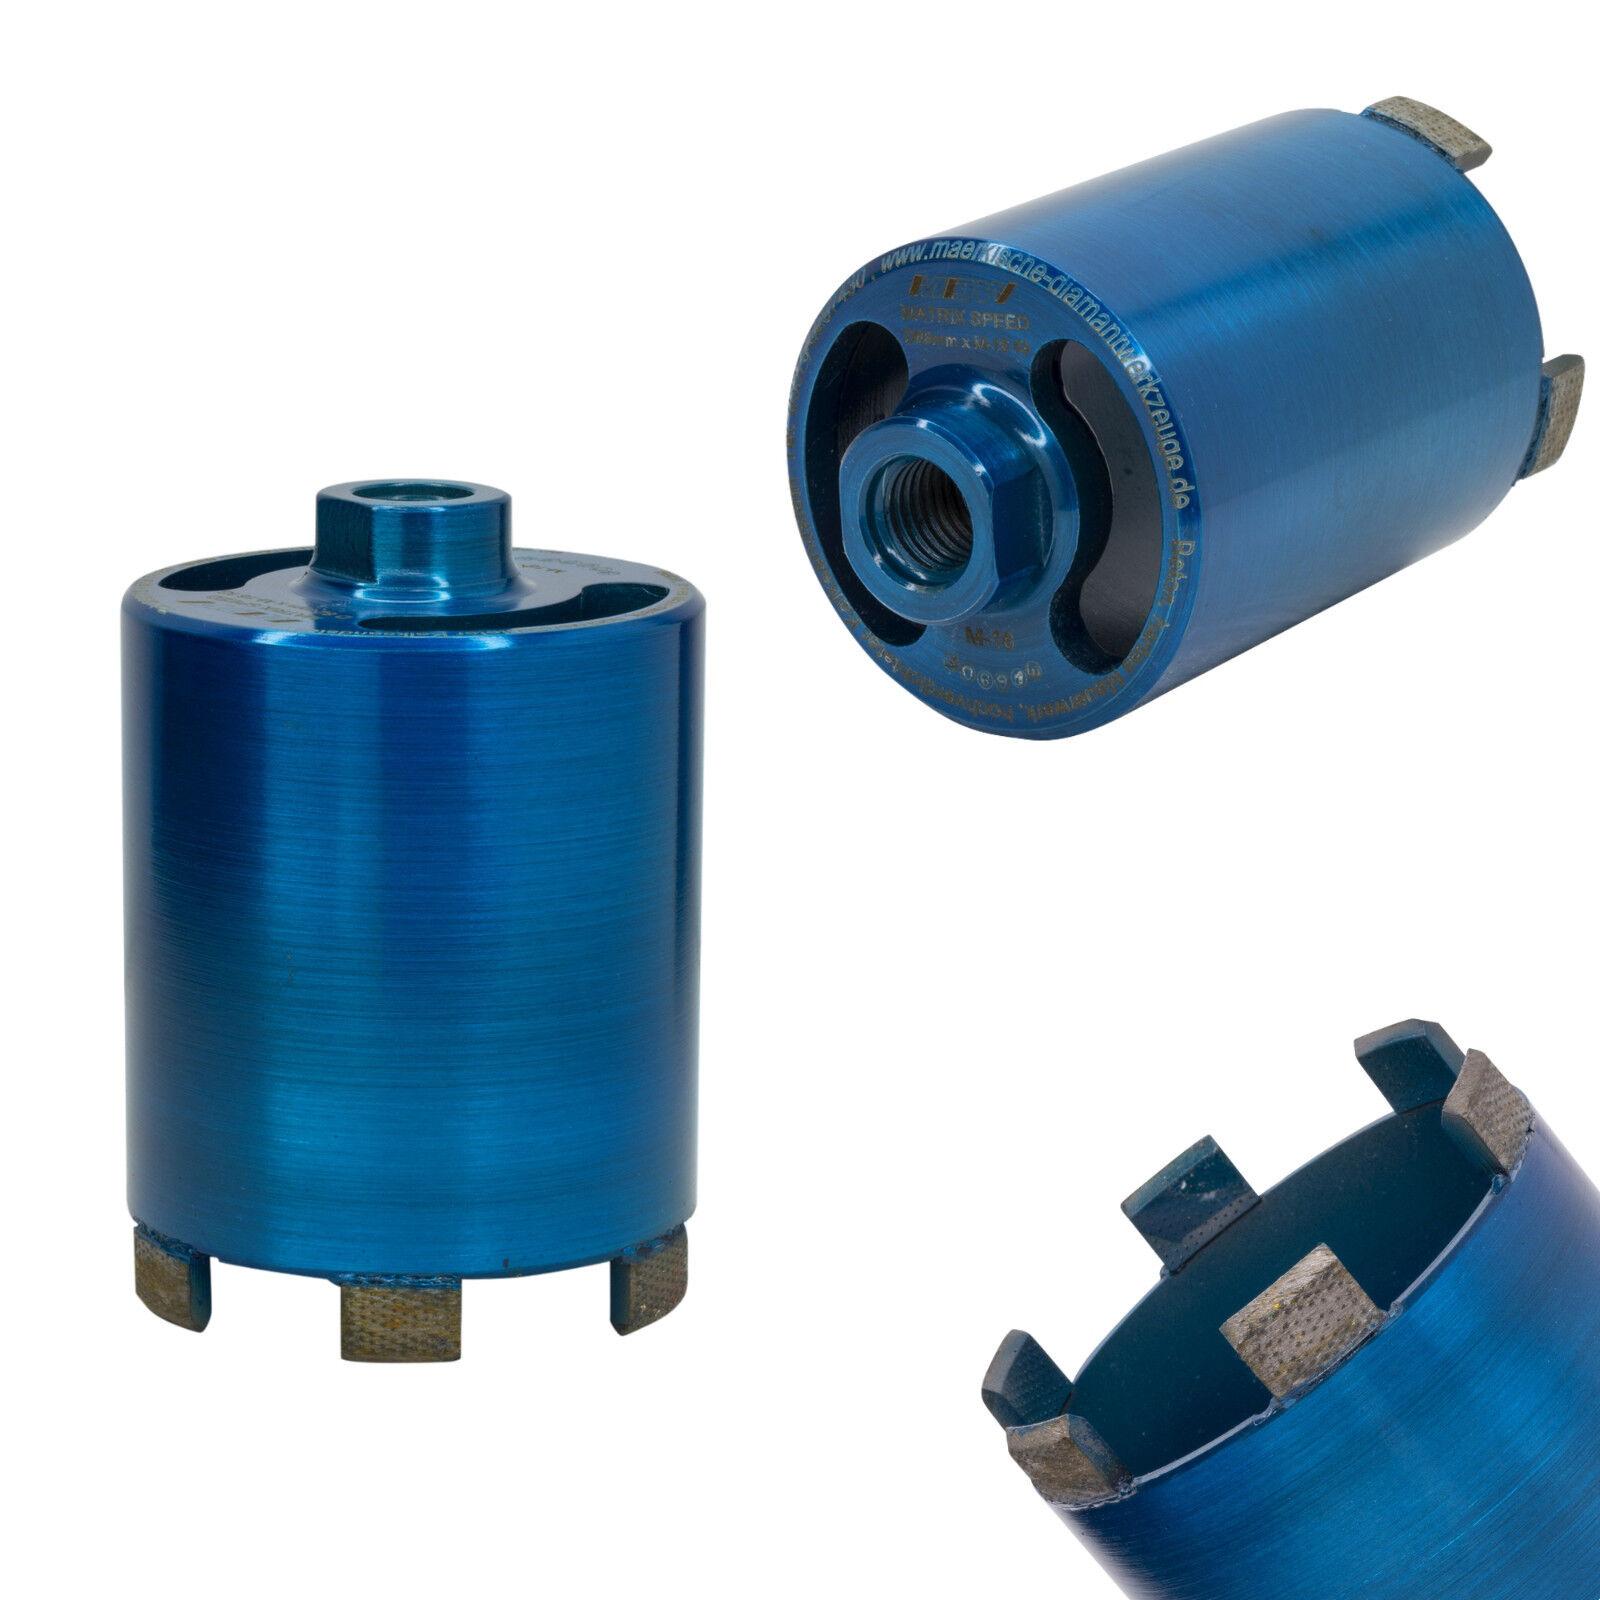 Laser Diamant Dosensenker Dosenbohrer 68 82 o. Staubabsaugung M16 M18 SDS NL80mm